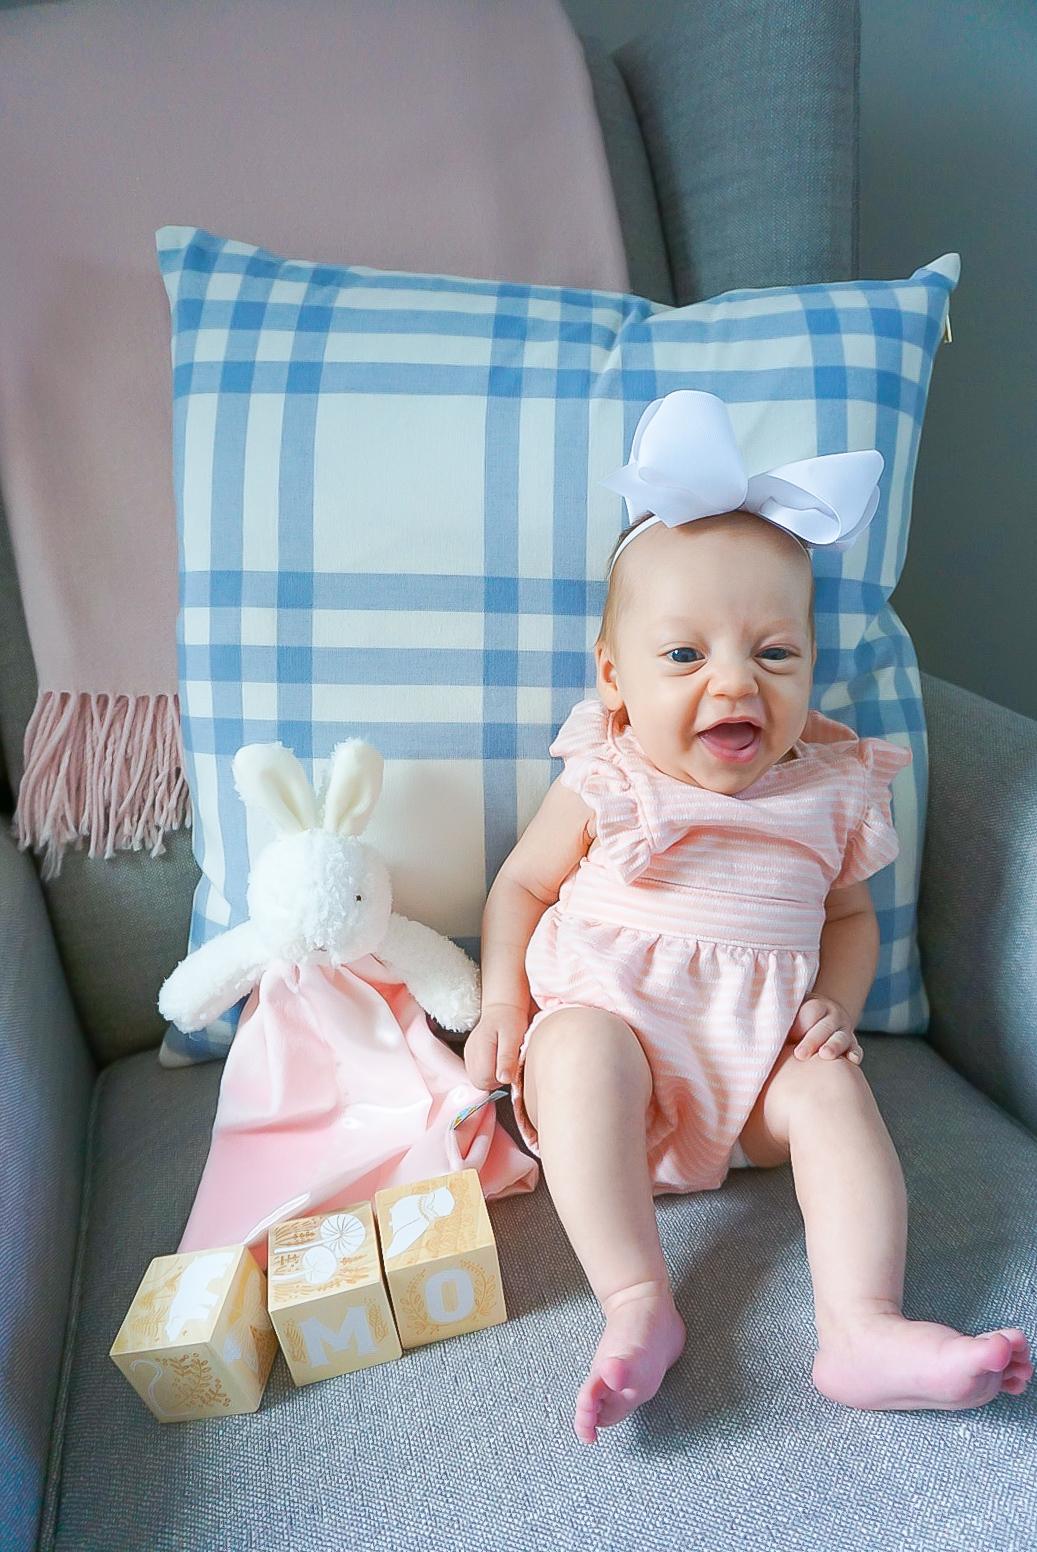 newborn baby smiles, newborn baby schedule, newborn baby struggles